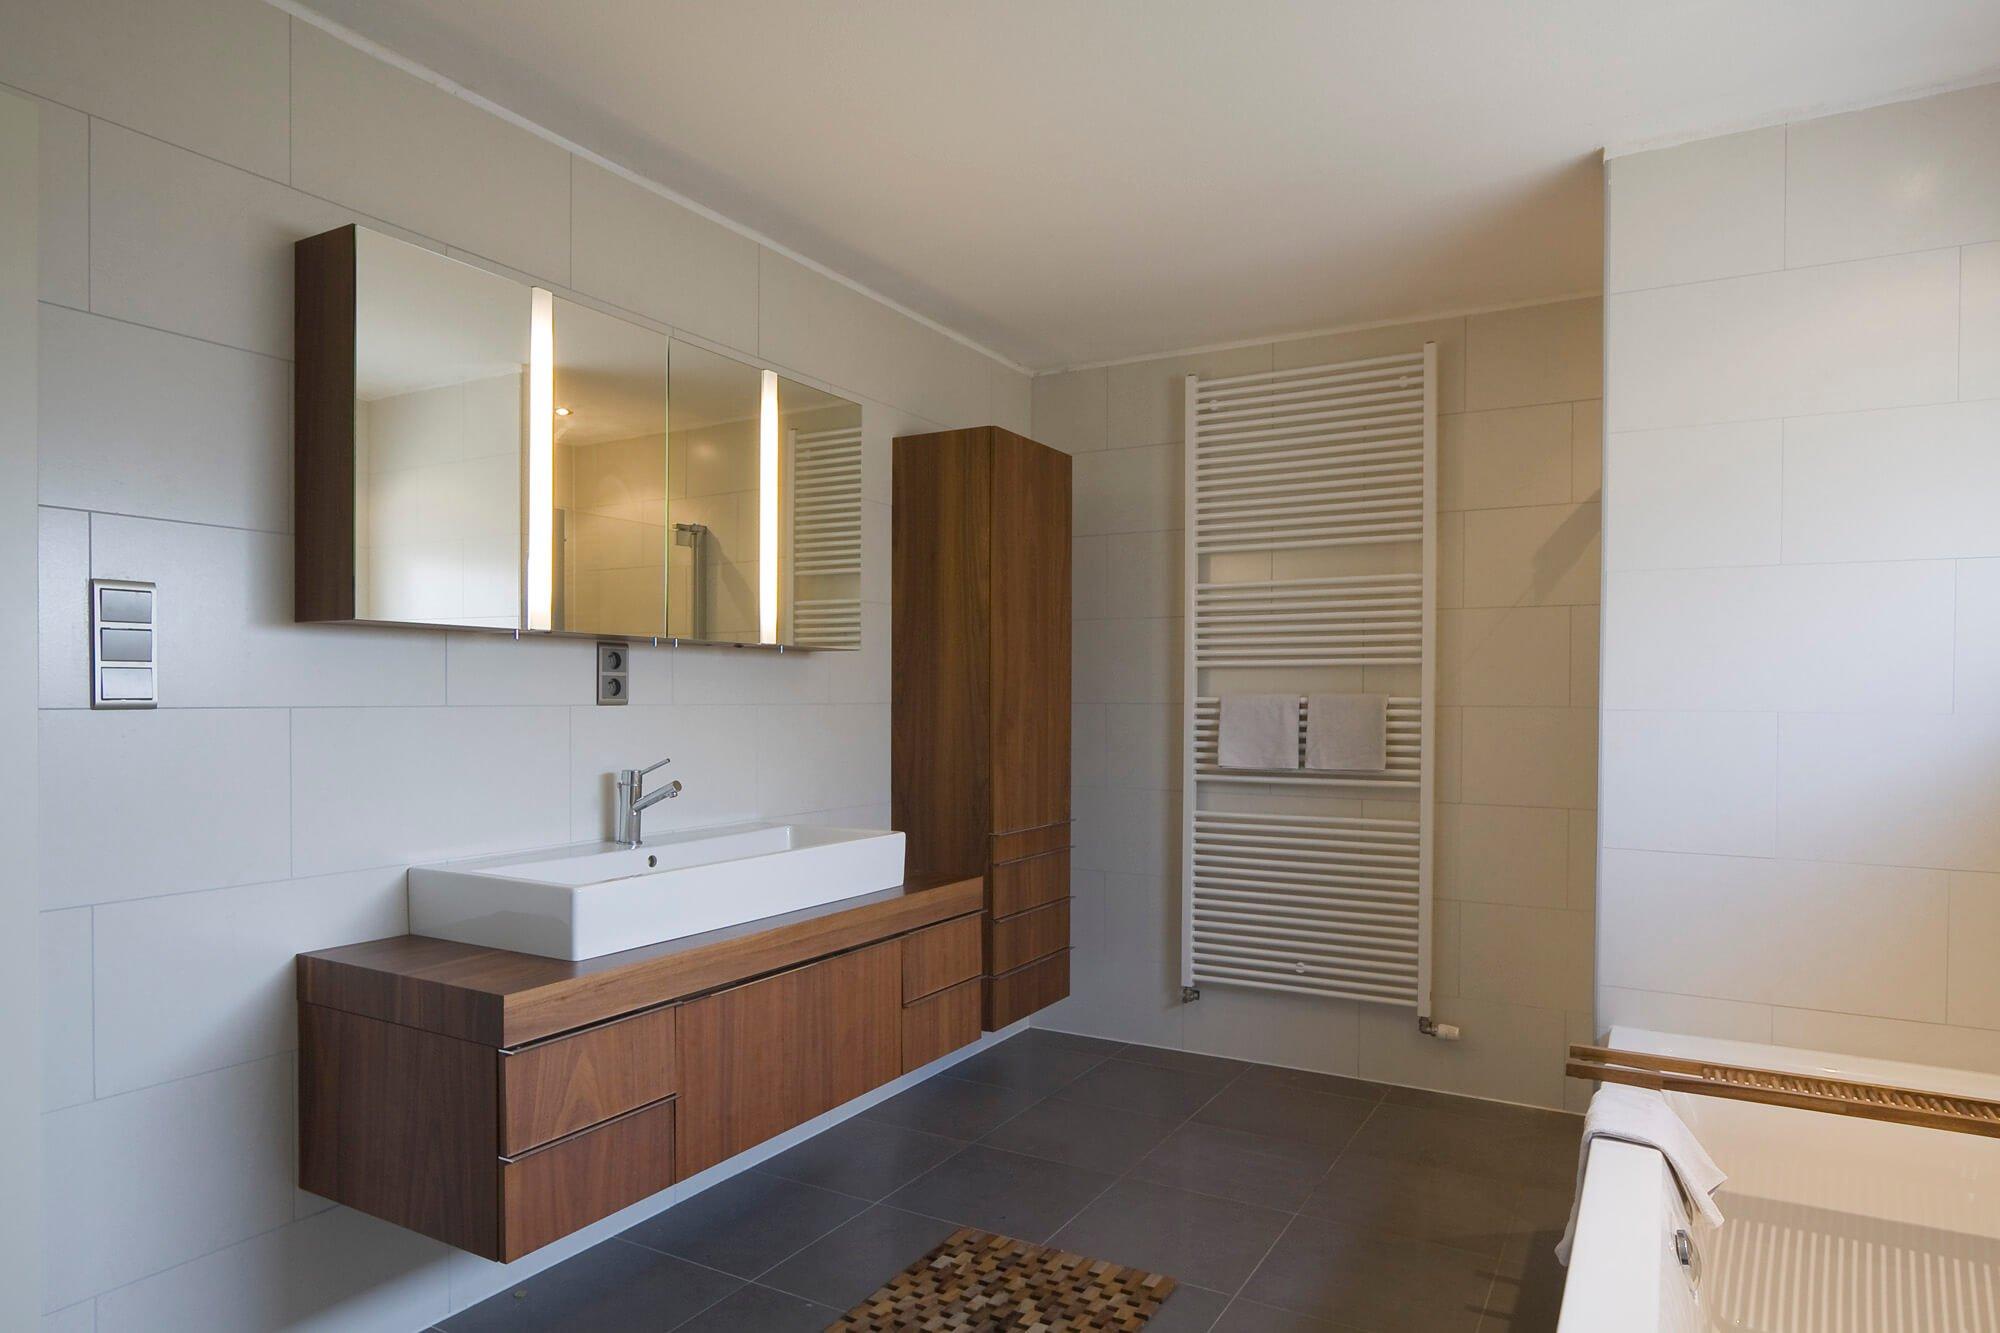 zo lijkt jouw kleine badkamer groter tips inspiratie wiki wonen